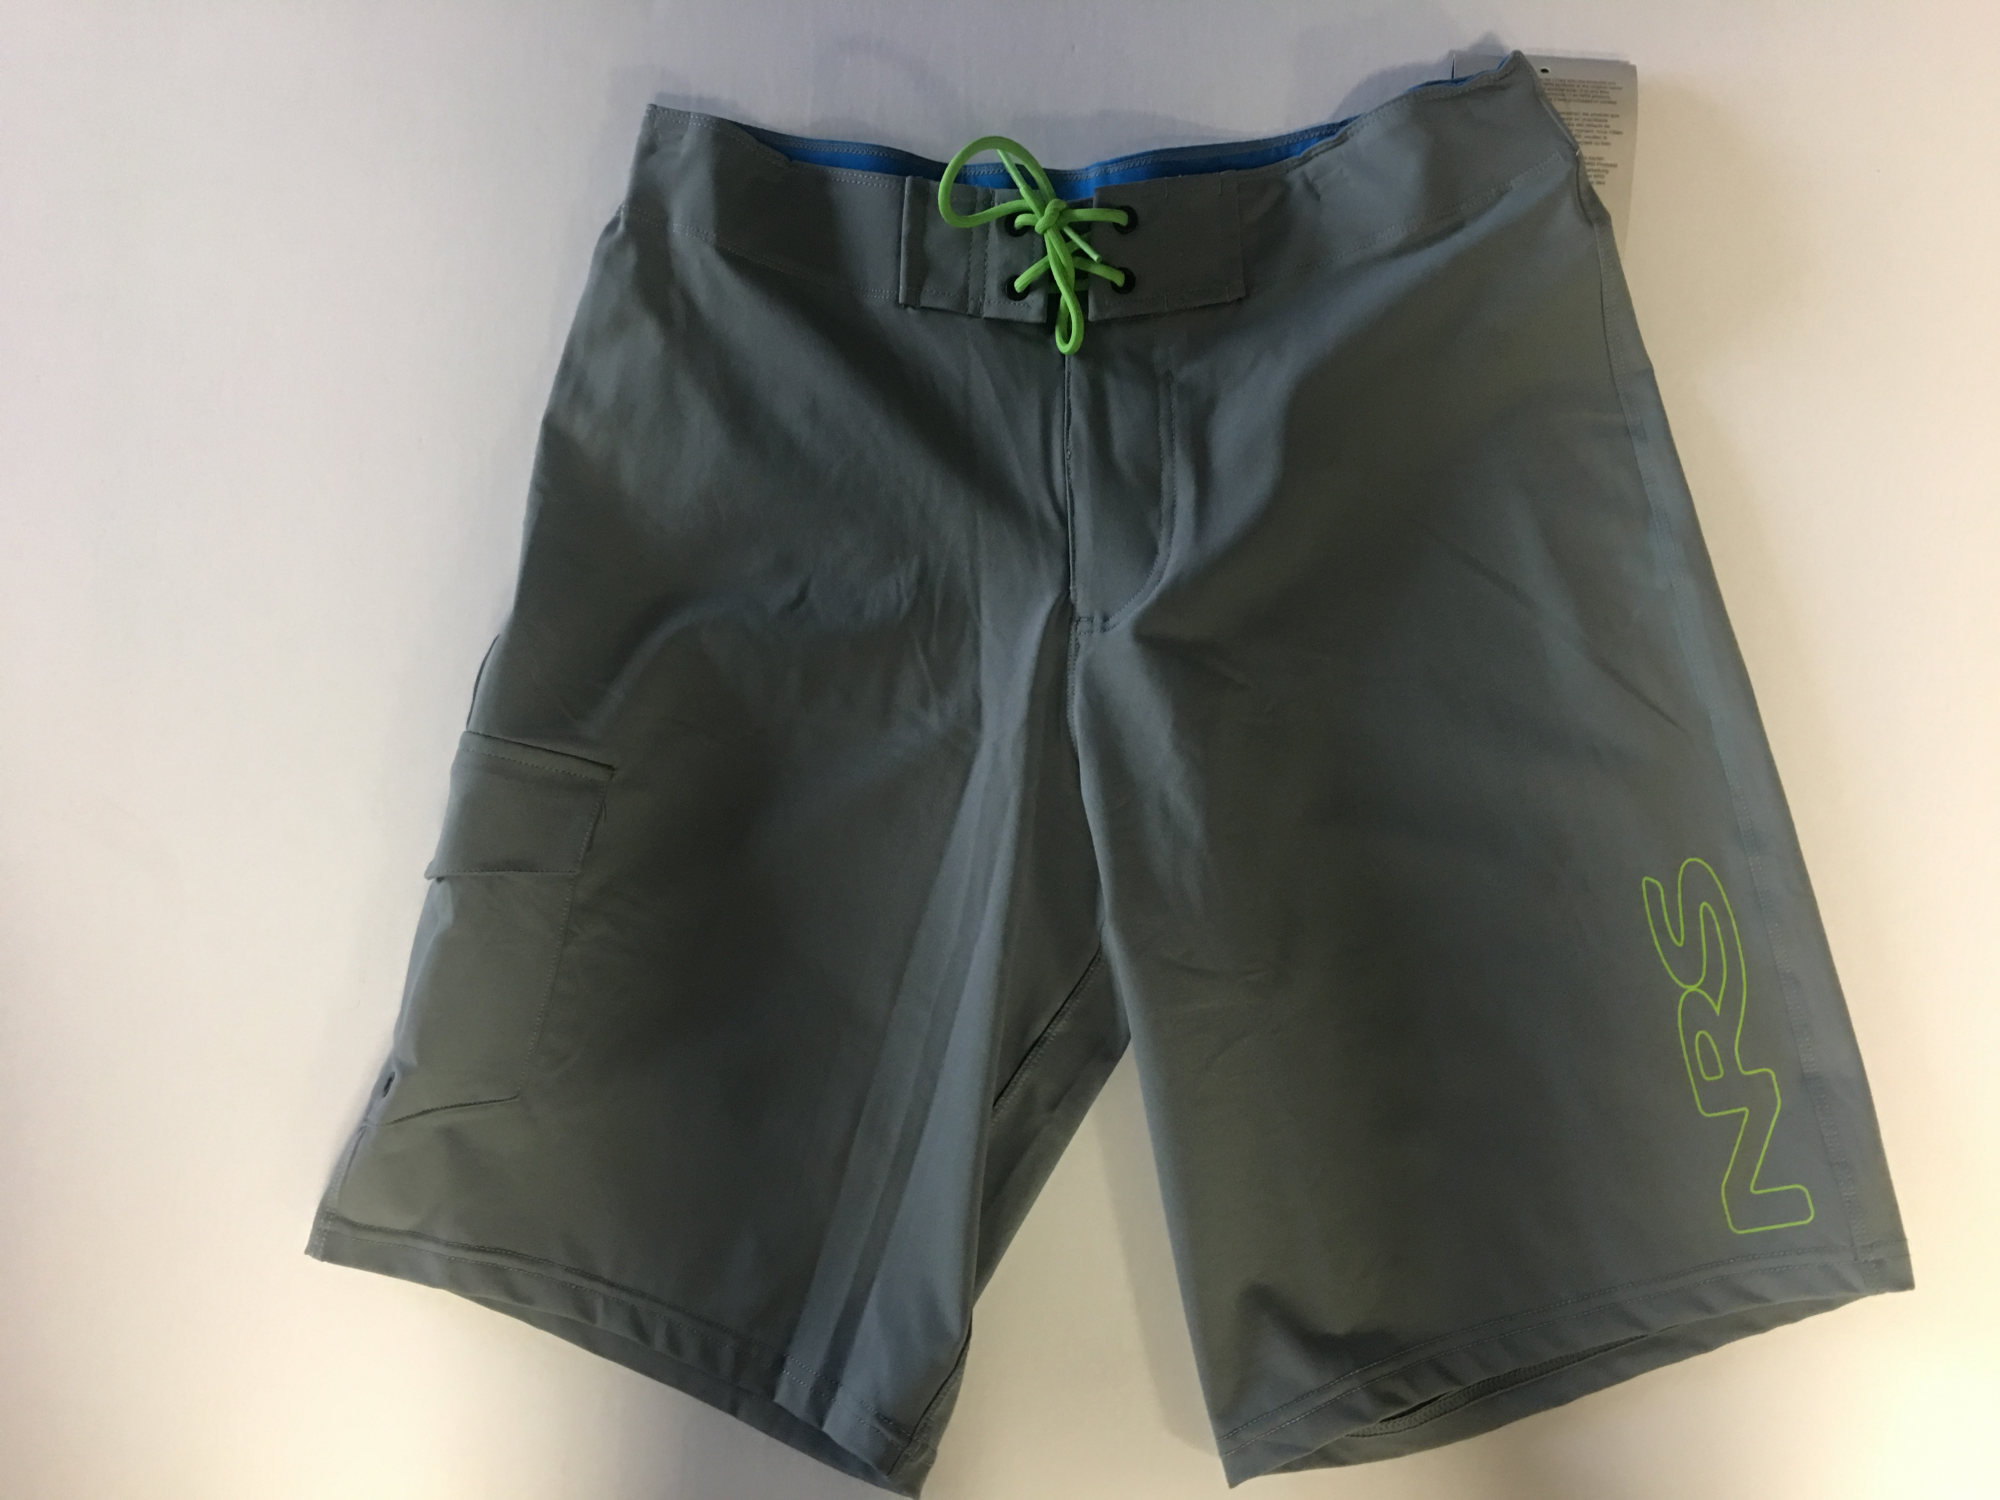 NRS Mens Benny Board Shorts Grey